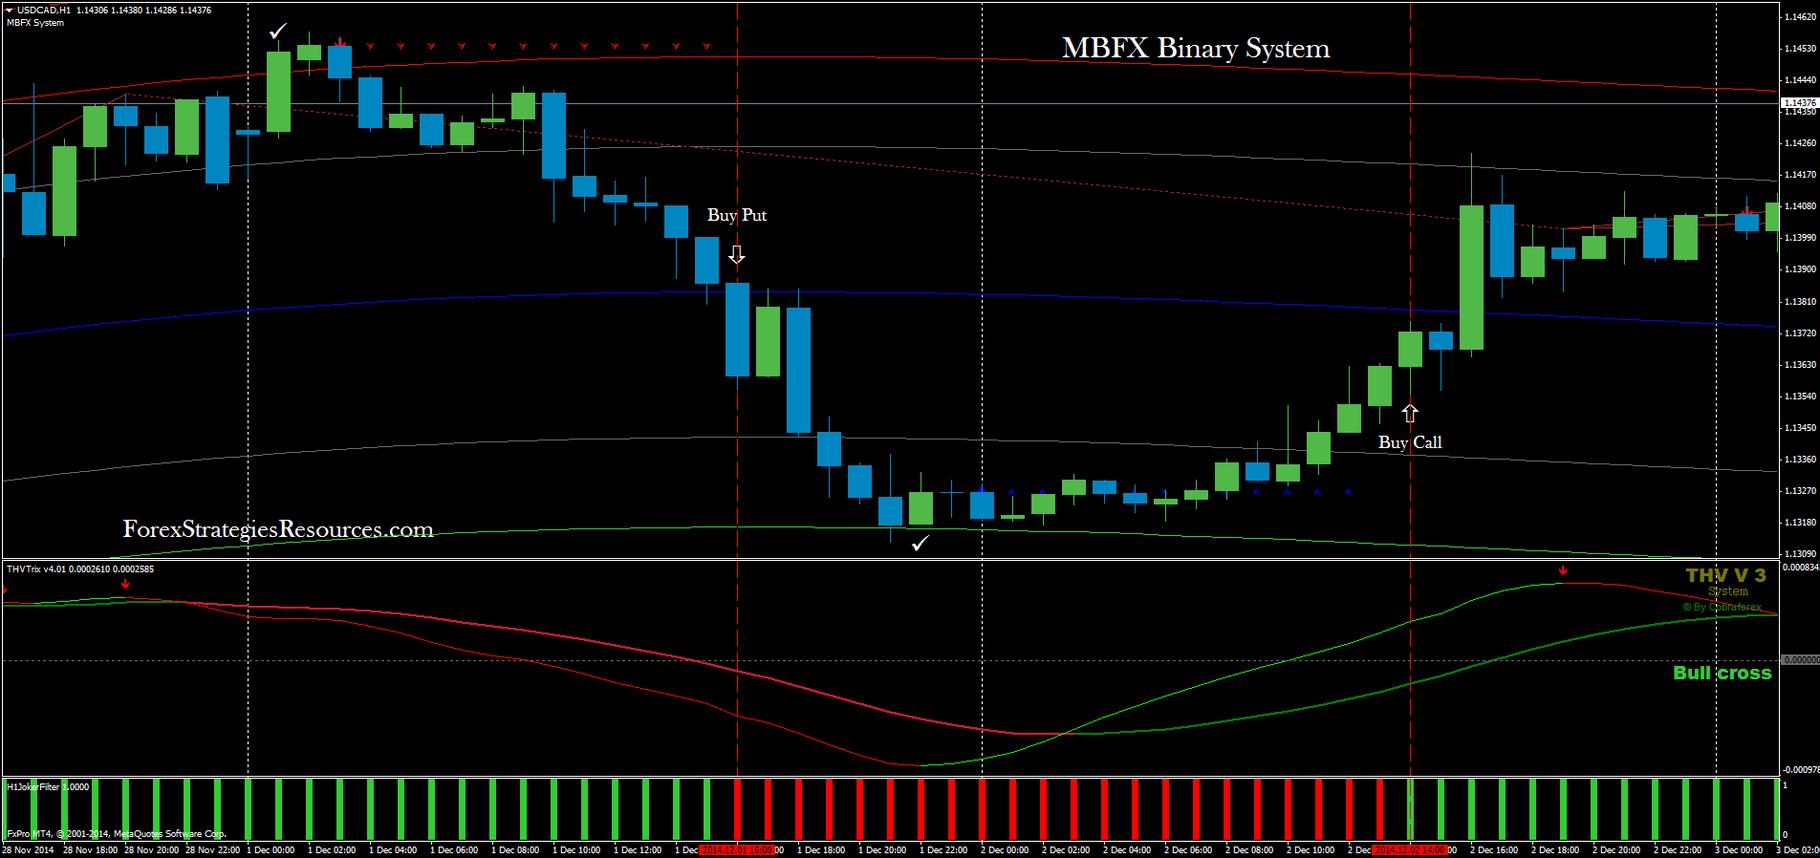 sistem mbfx pentru opțiuni binare